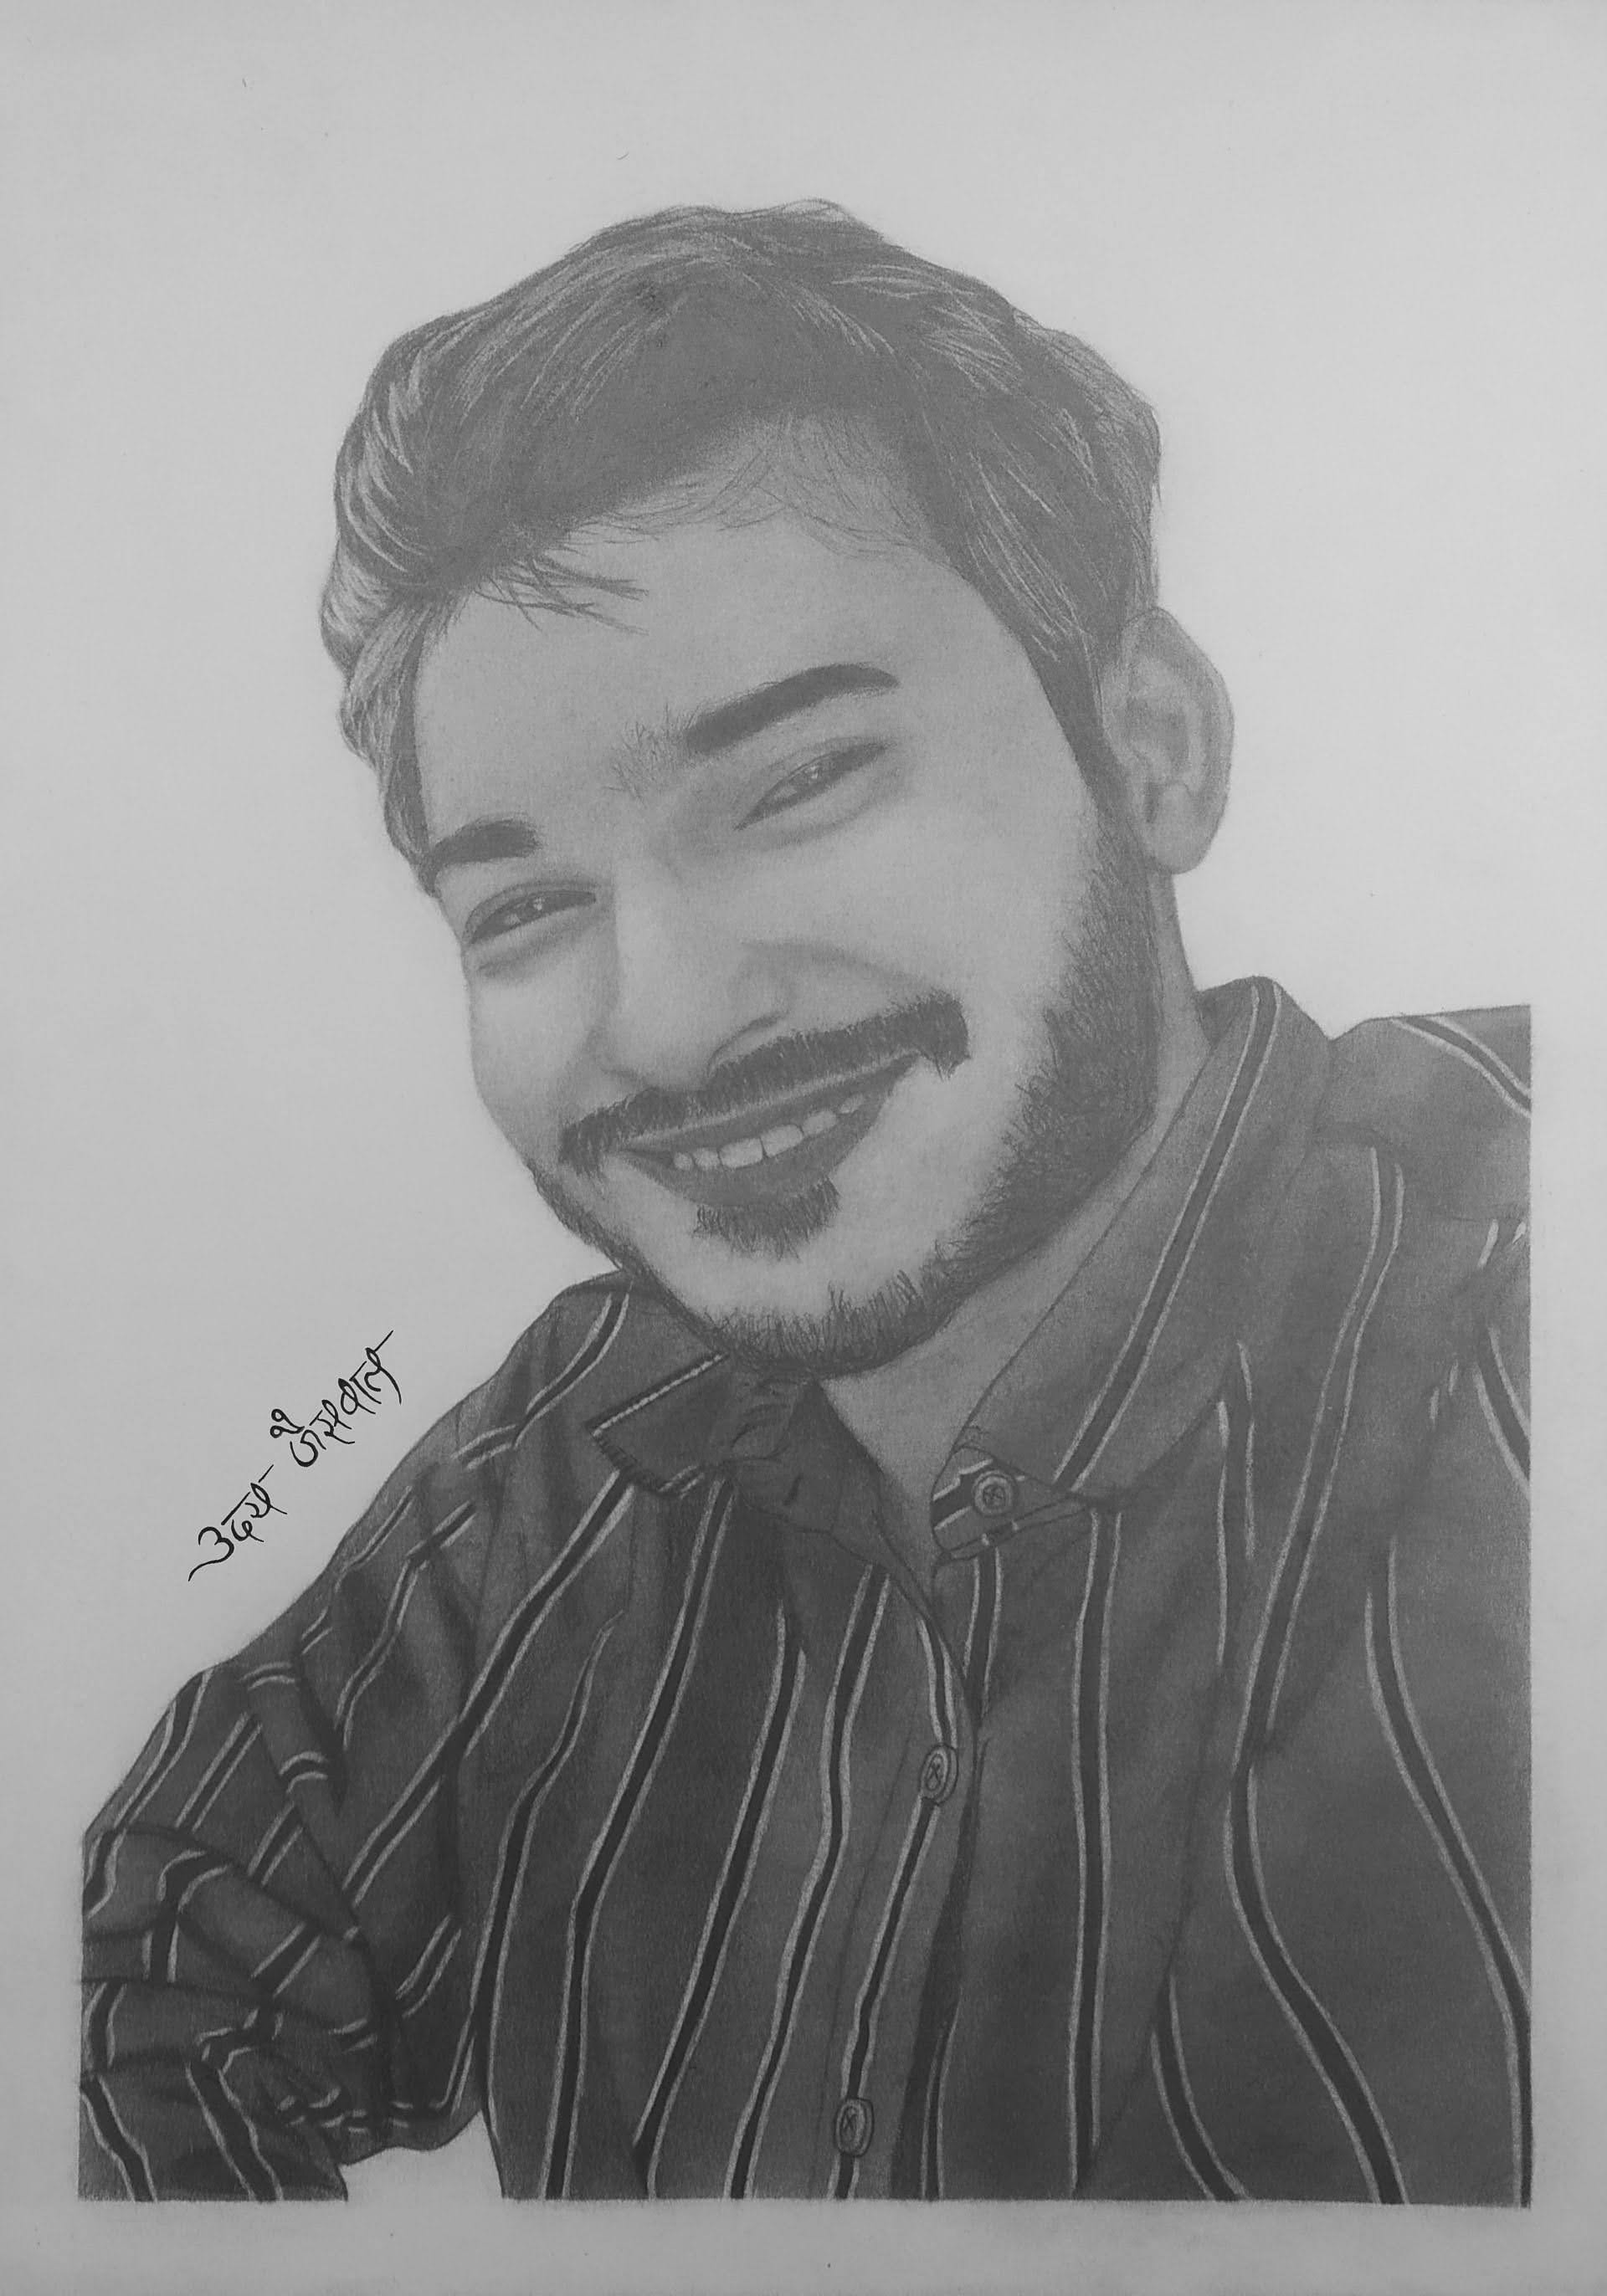 Mr. Apoorv Pencil Sketch